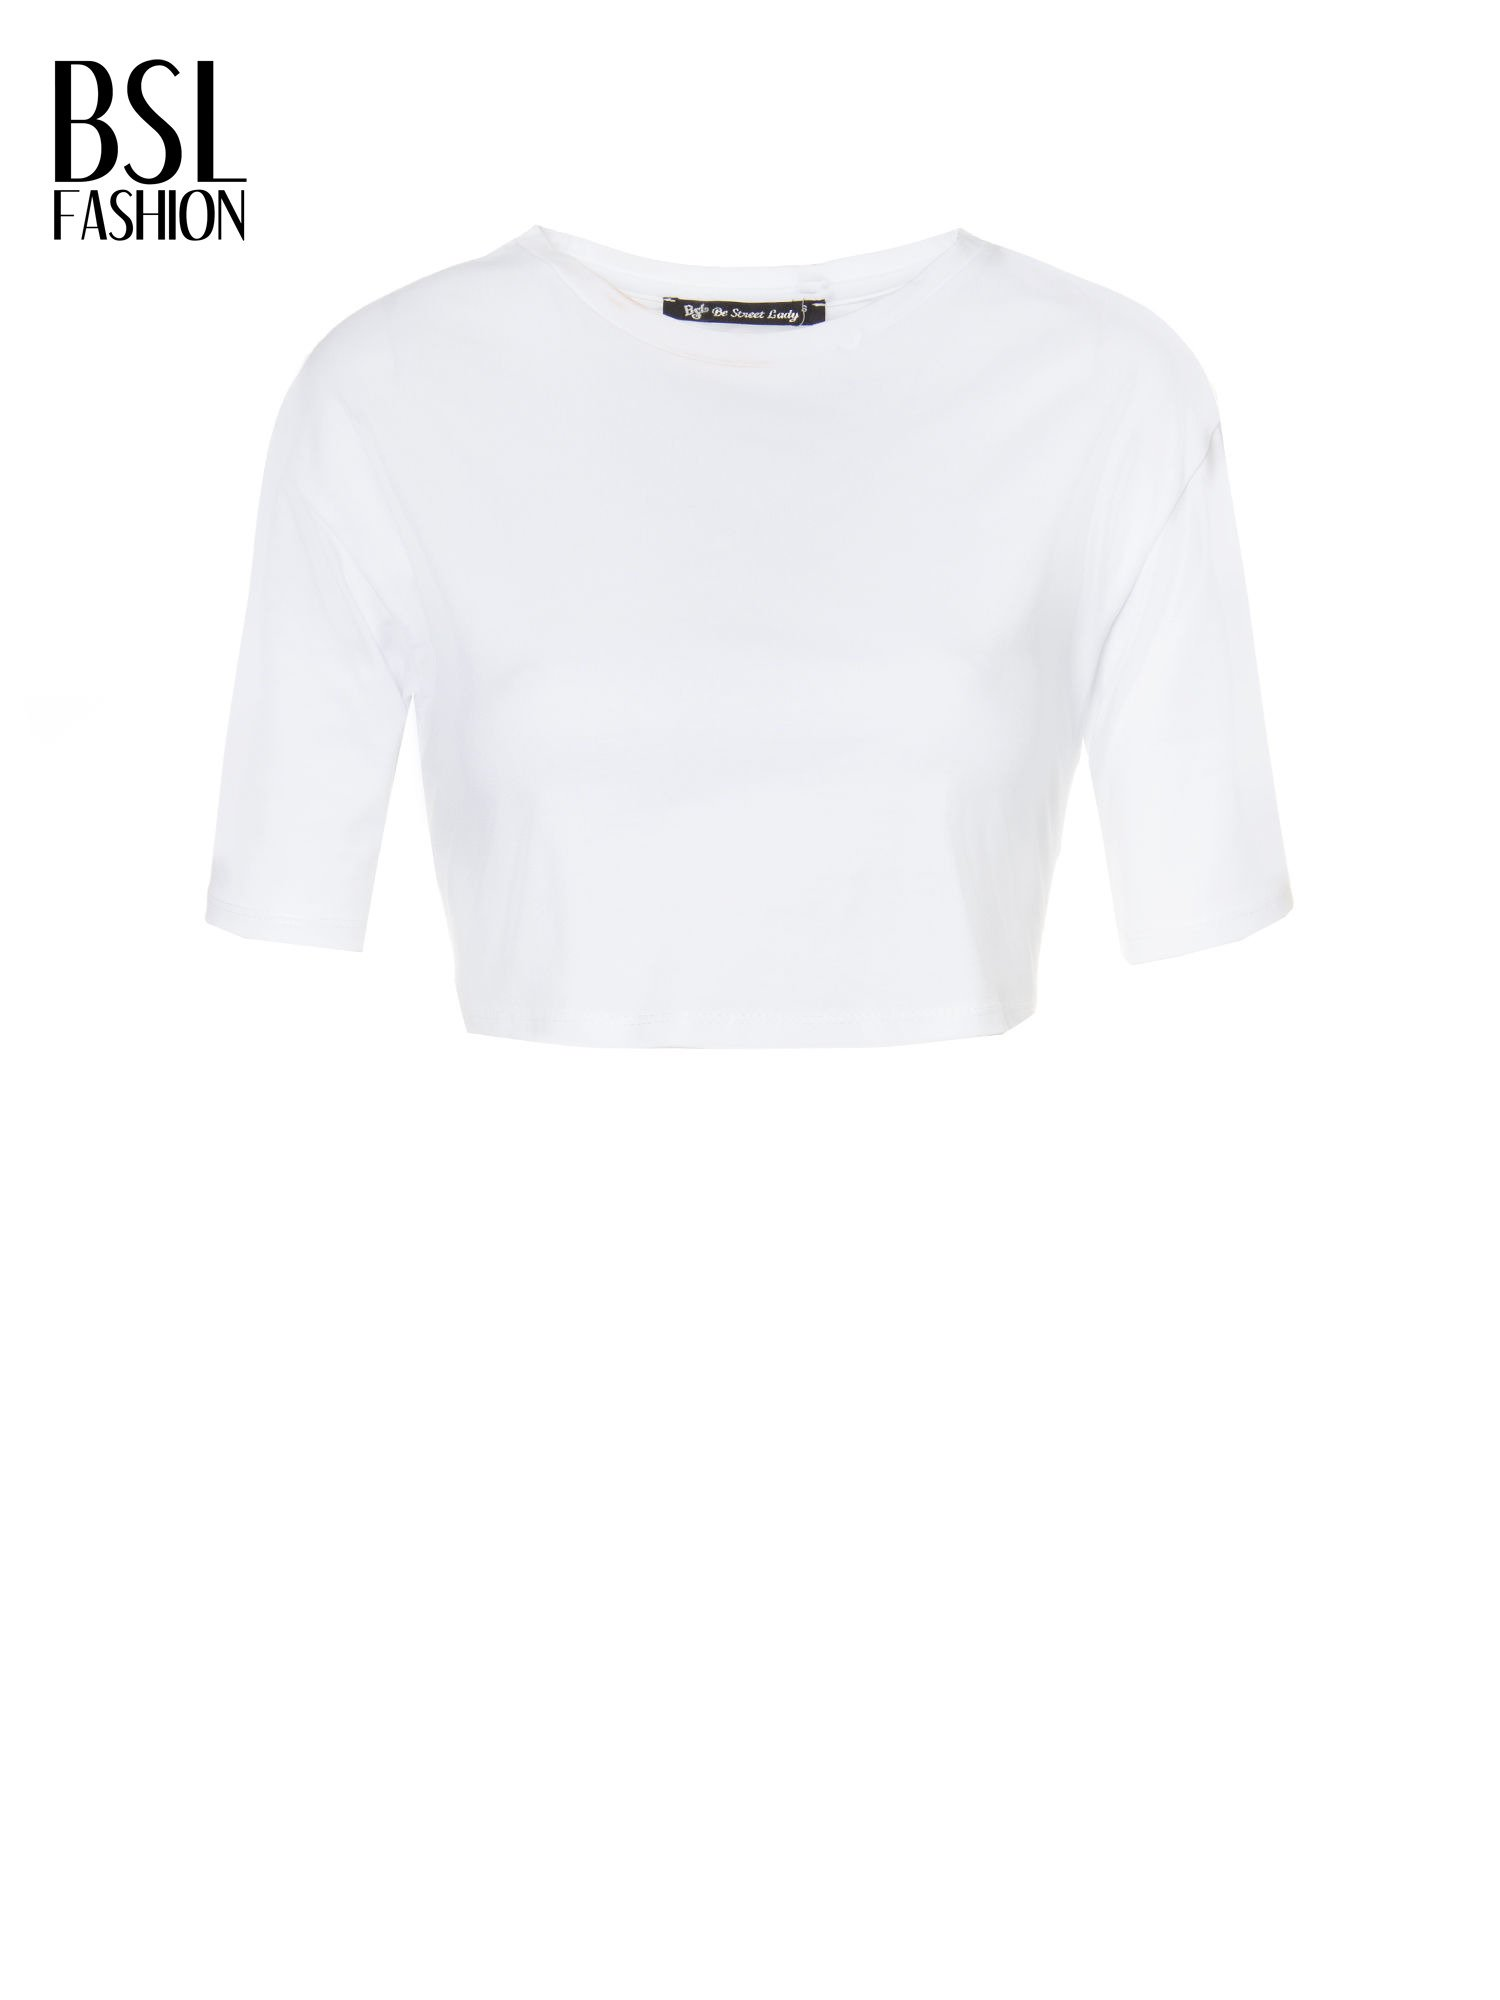 Biała gładka bluzka typu crop top z głębokim dekoltem                                  zdj.                                  5